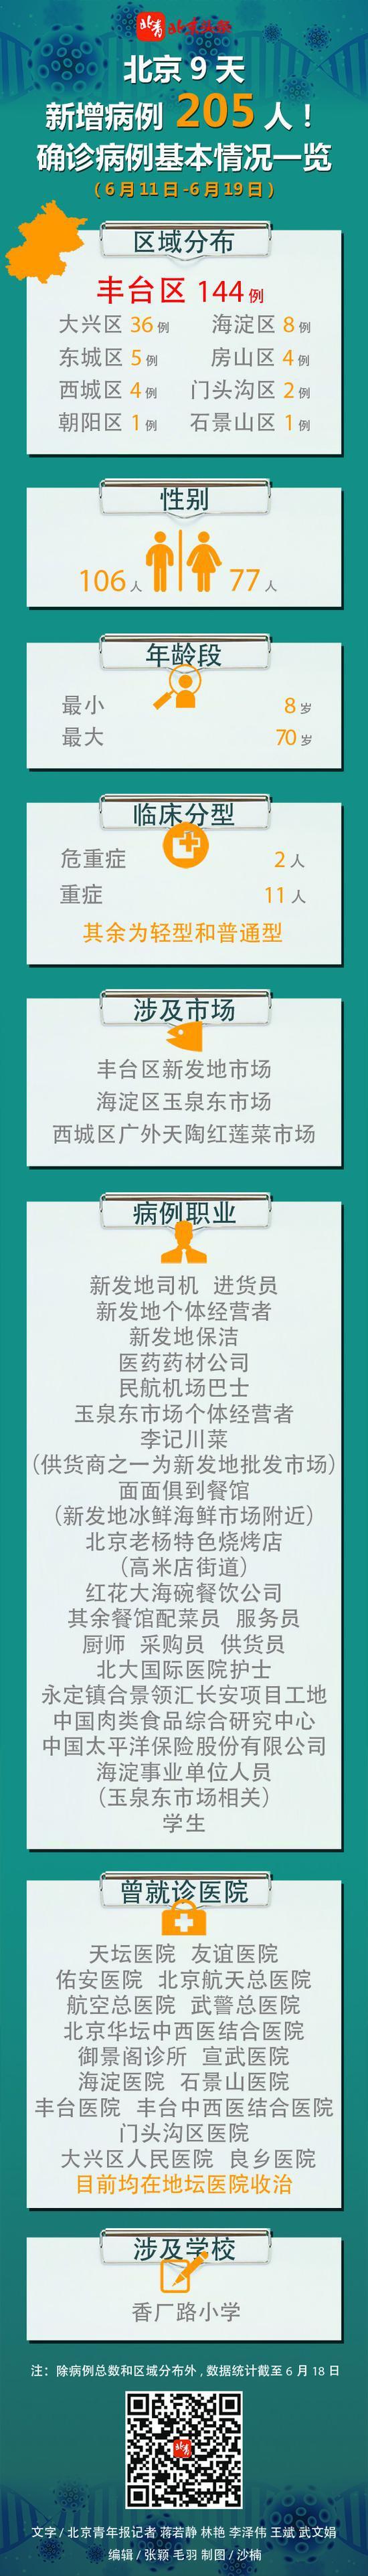 「摩天登录」知晓北京9摩天登录天新增2图片